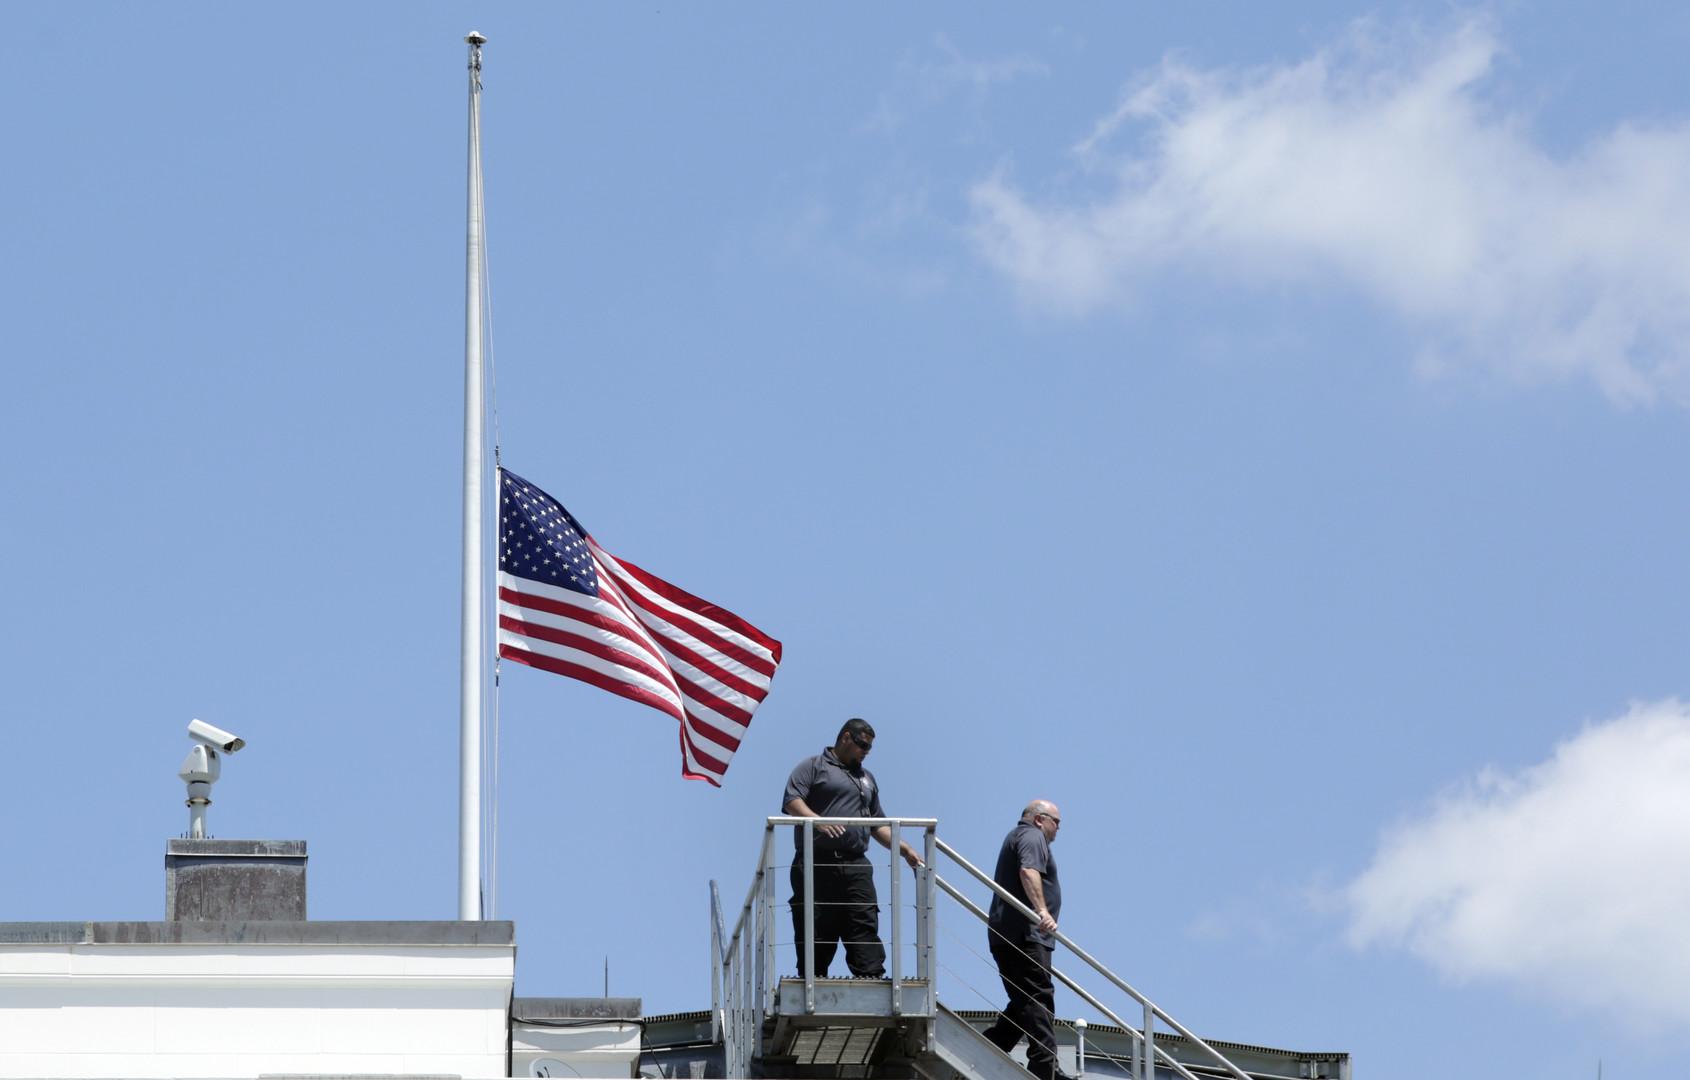 ИГ взяло на себя ответственность за теракт в Орландо